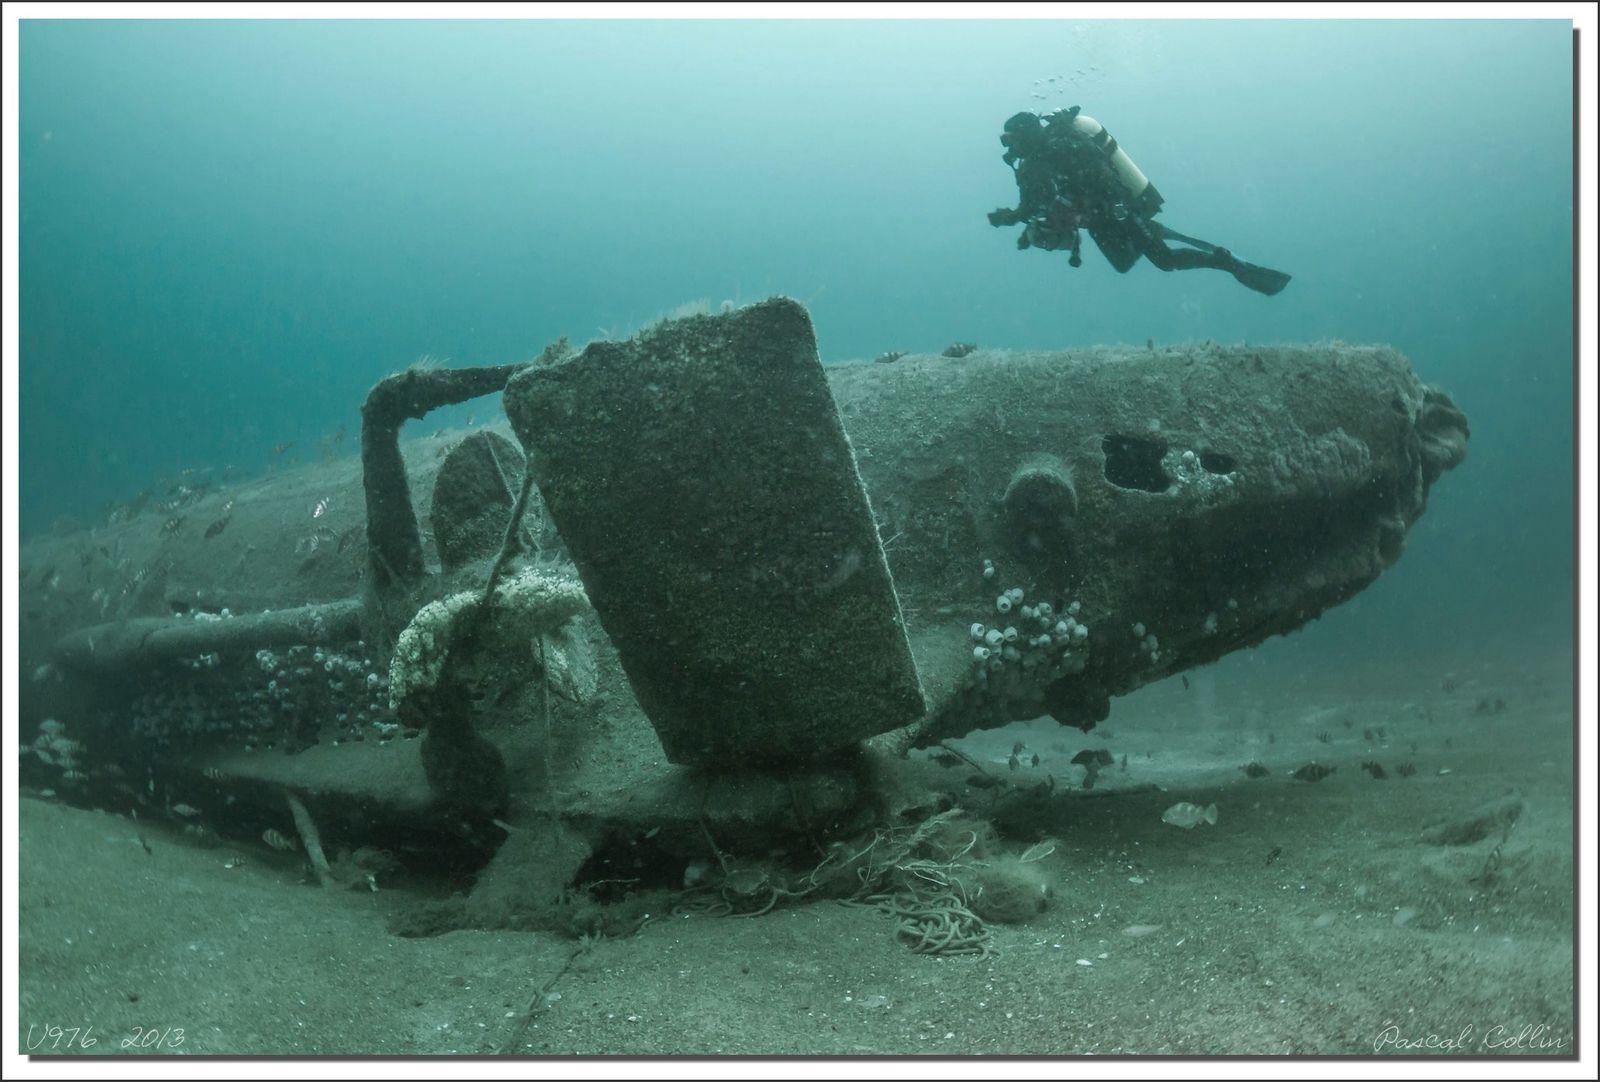 Plongée mémorable sur le U-976 avec une visi incroyable